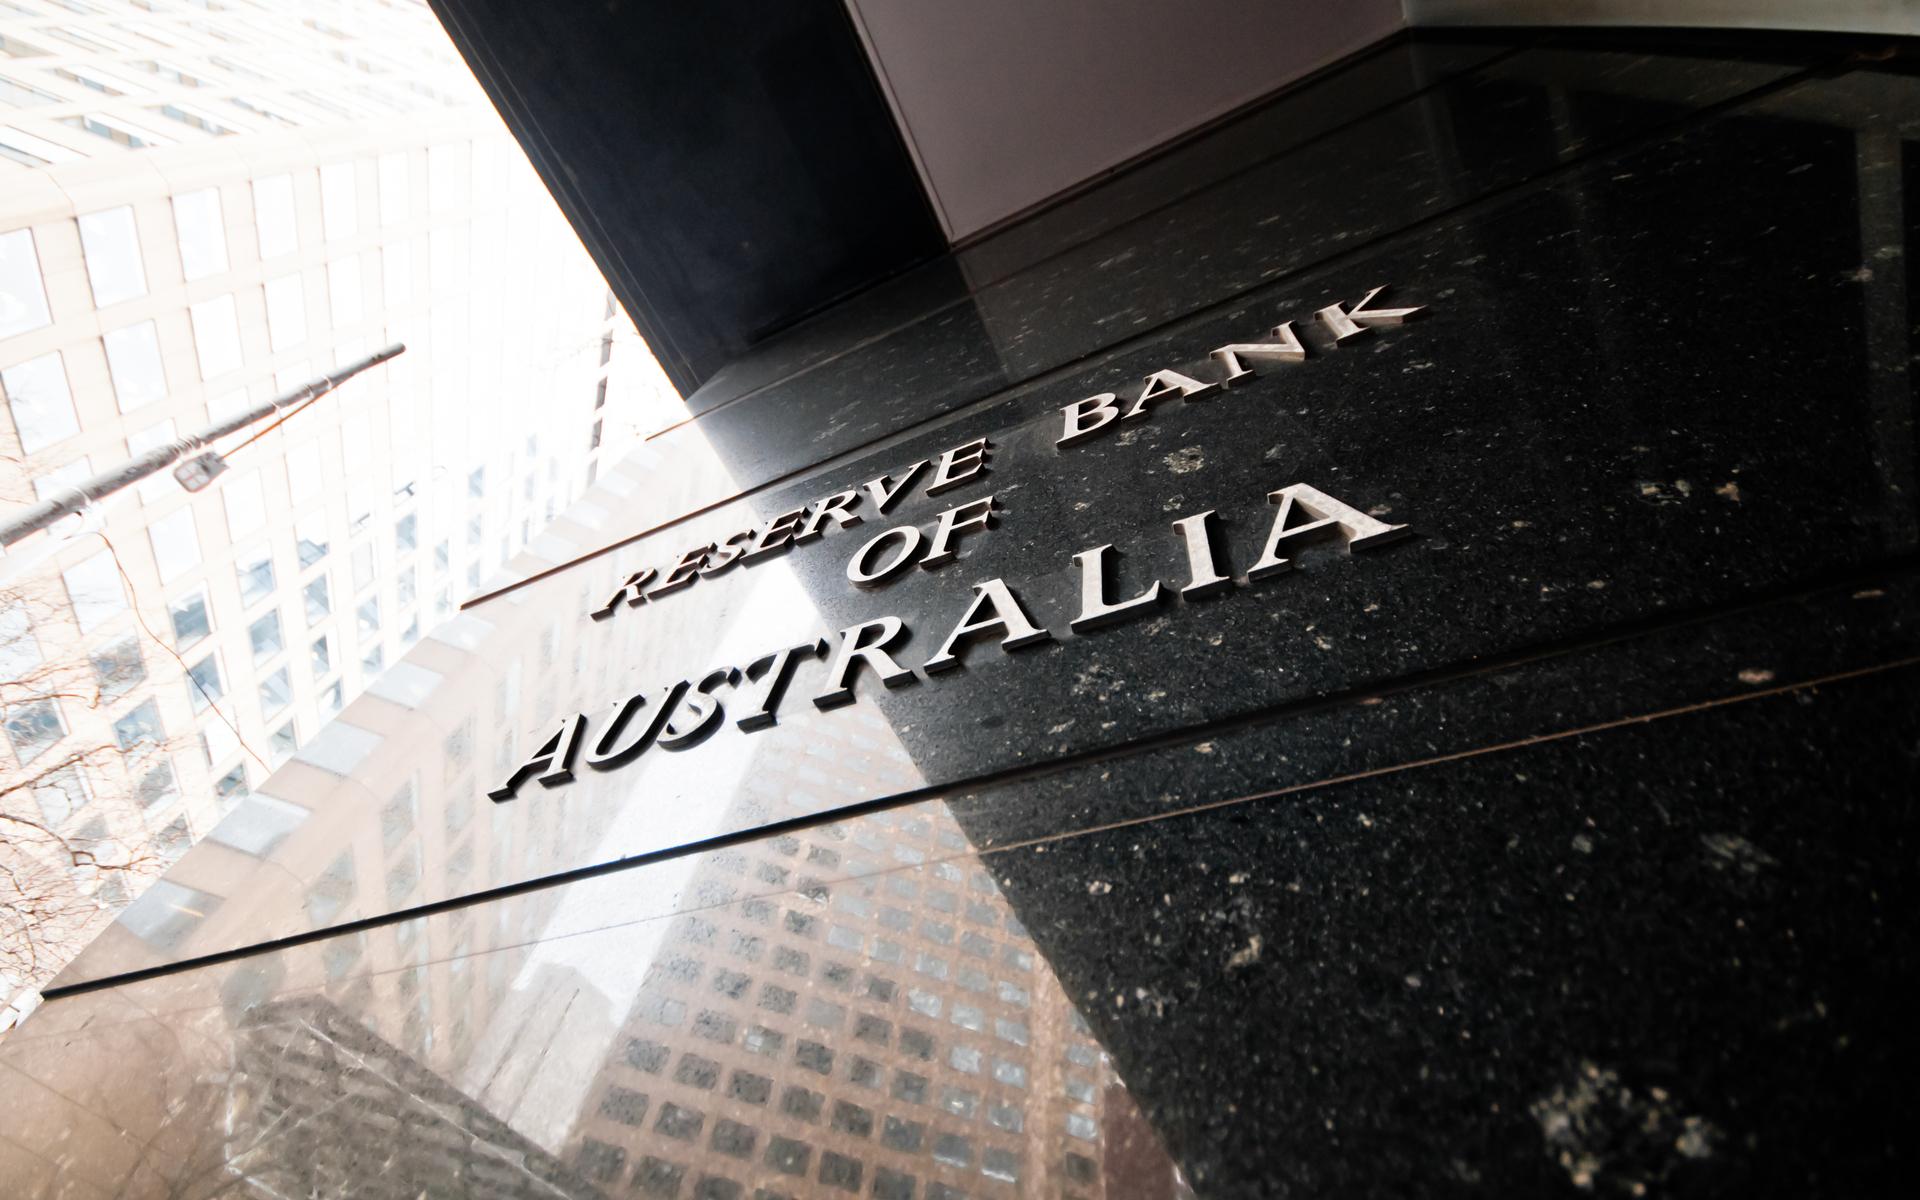 استرالیا روی ارز دیجیتال بانک مرکزی (CBDC) بر بستر اتریوم تحقیق میکند